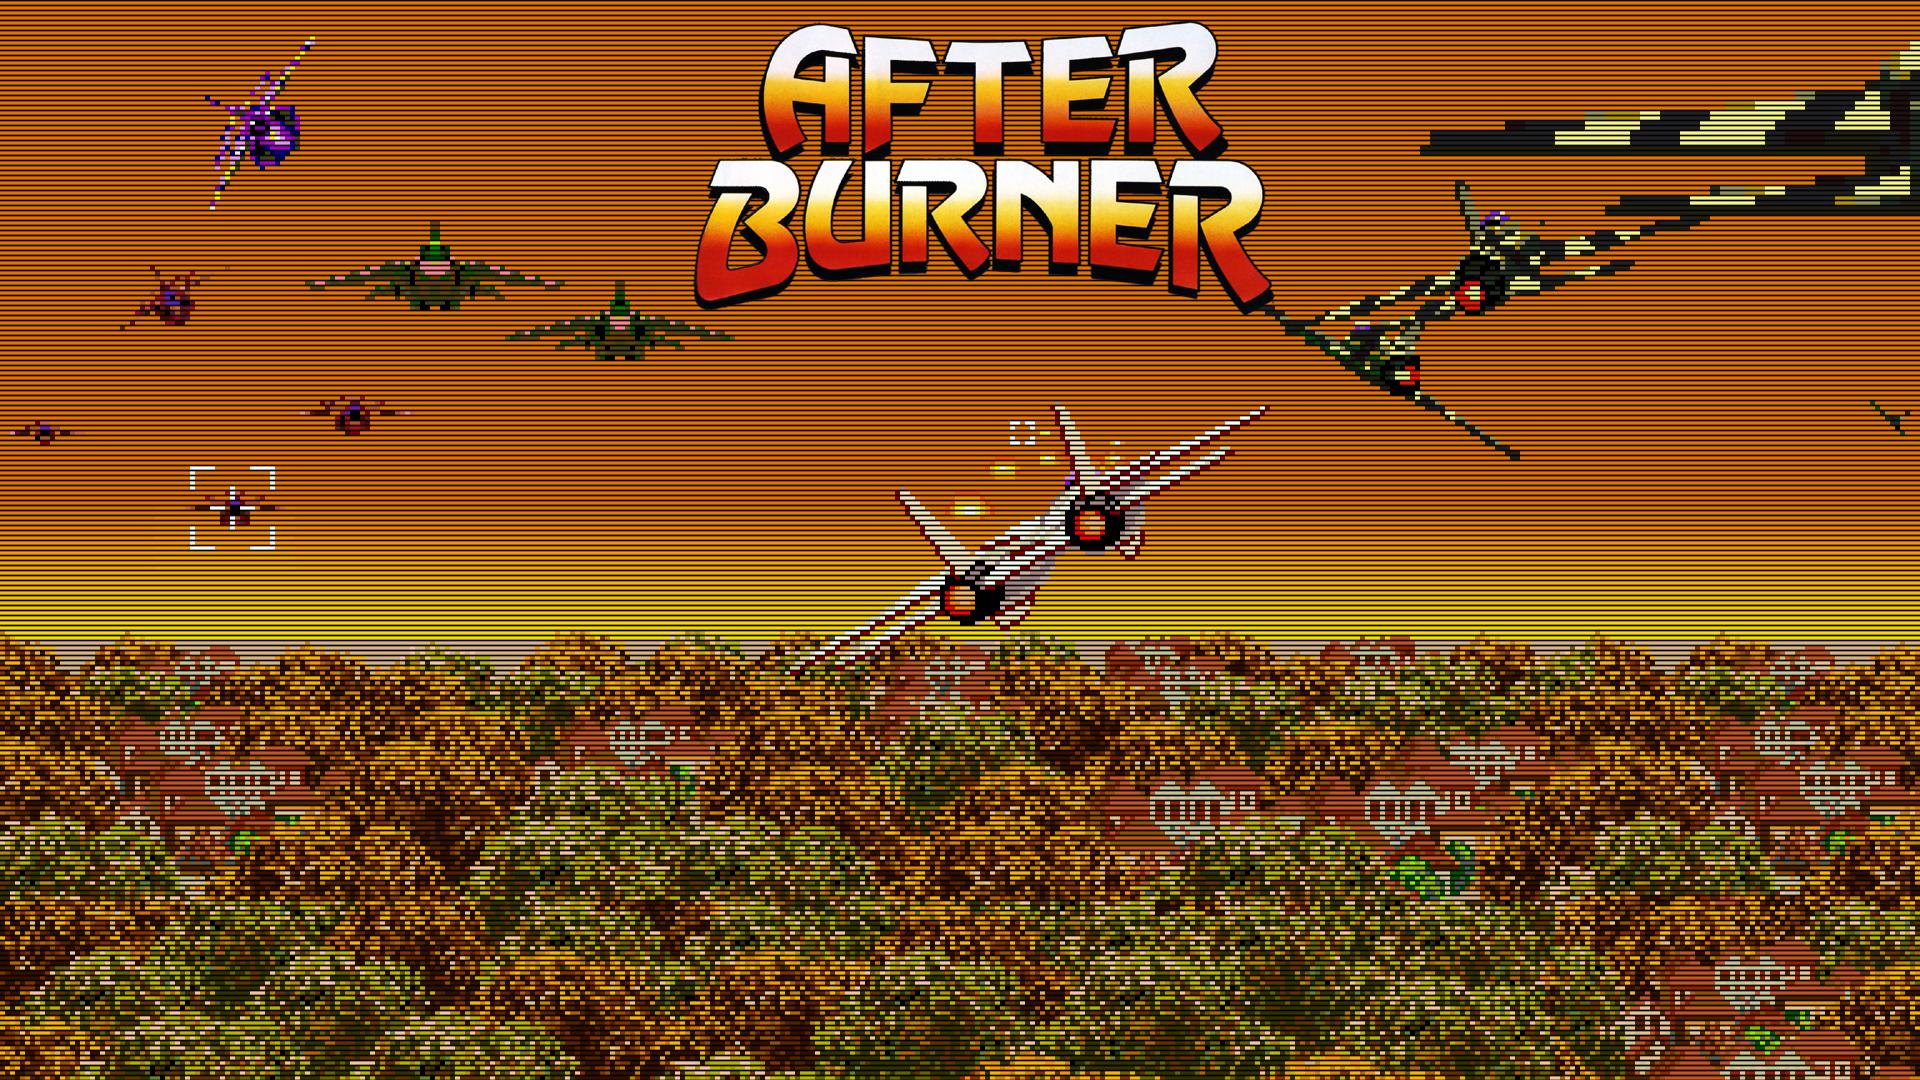 Images of After Burner Complete | 1920x1080